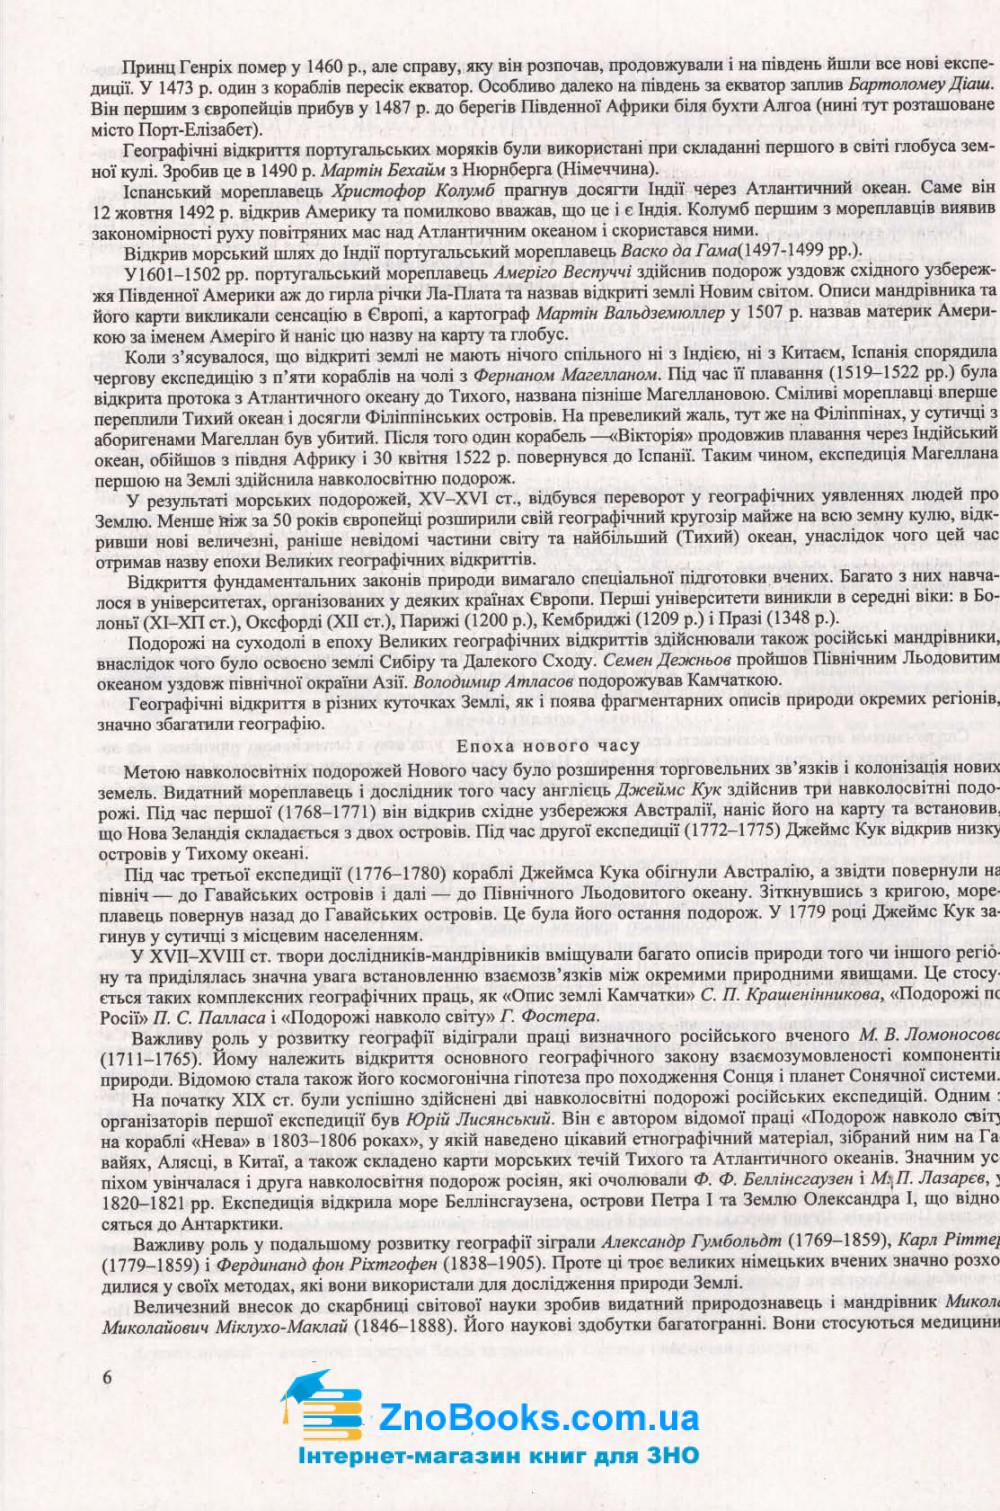 ЗНО 2021 Географія. Комплексне видання : Кузишин А. Підручники і посібники. купити 6